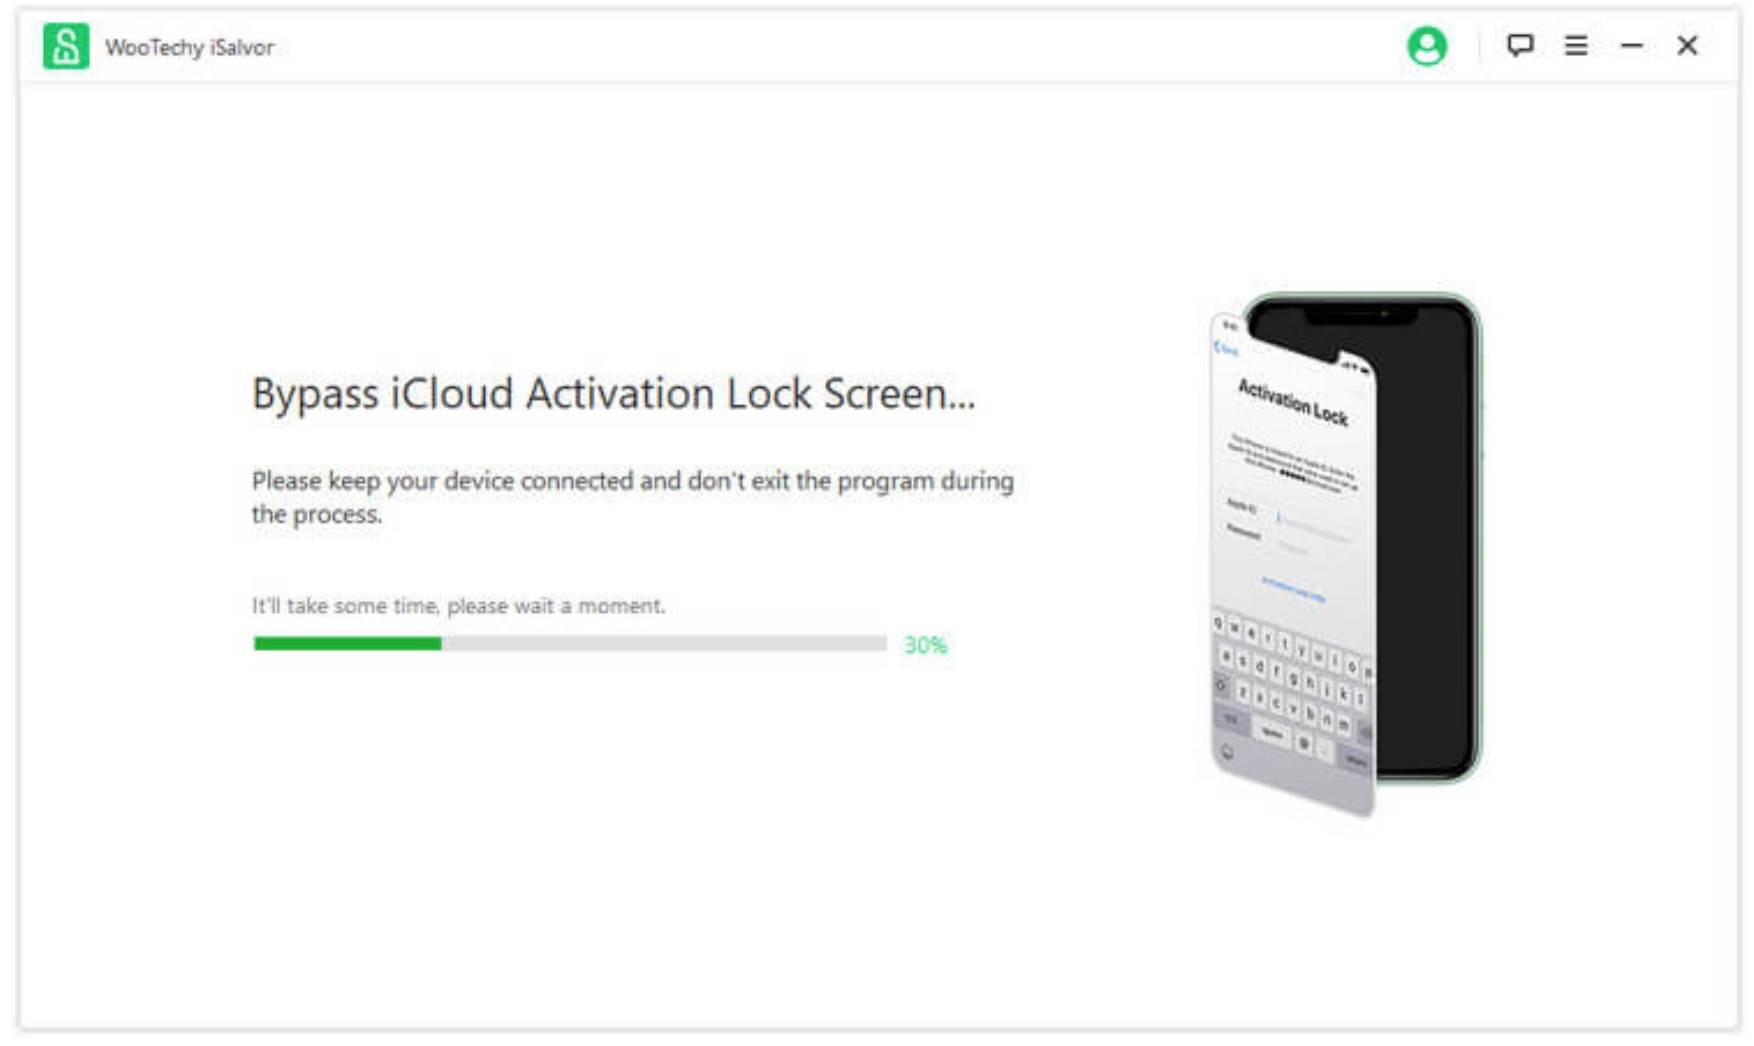 Jak usunąć blokadę aktywacji z iPhone, iPad? ciekawostki zablokowany IPhone, usunięcie icloud, usunięcie blokady, blokada iCloud  Blokada aktywacji ma na celu zapewnienie bezpieczeństwa urządzeń Apple i informacji o użytkowniku, ale czasami może stać się to sporym problemem. 1@2x 15